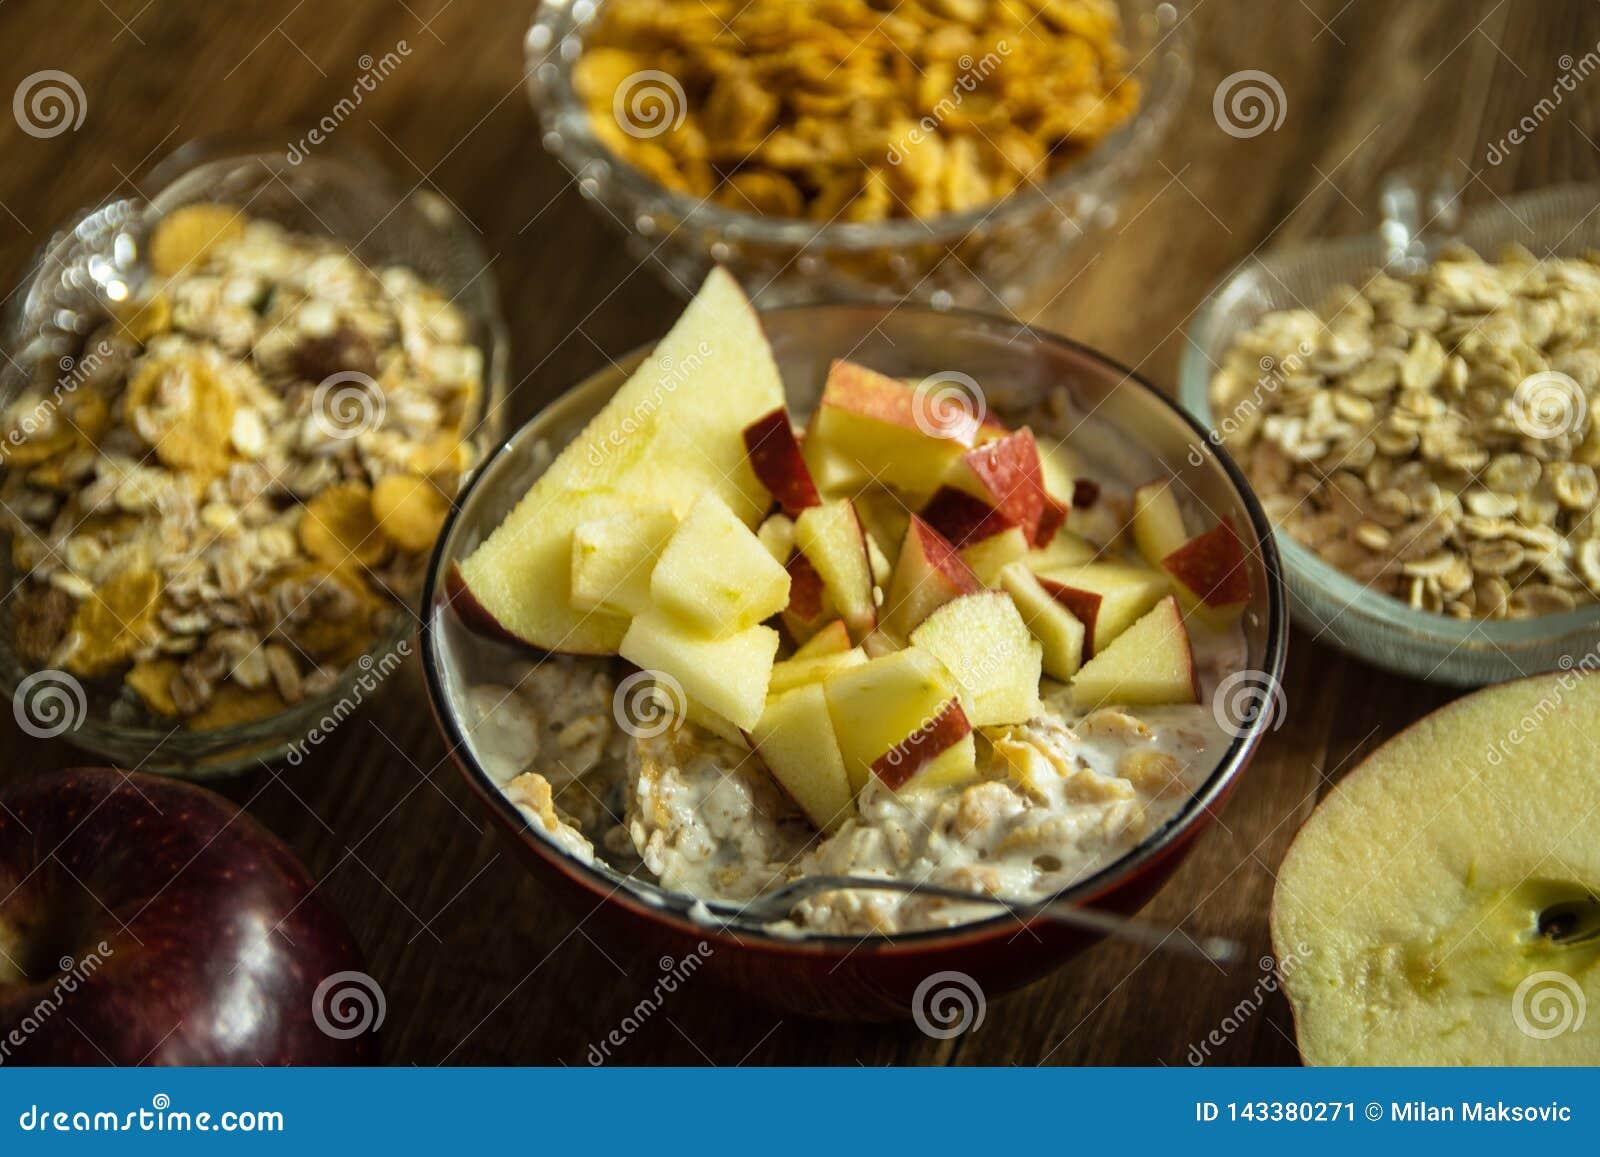 Muesli z wysuszonym - owoc, mleko i pokrojony czerwony jabłko na drewnianym stole,